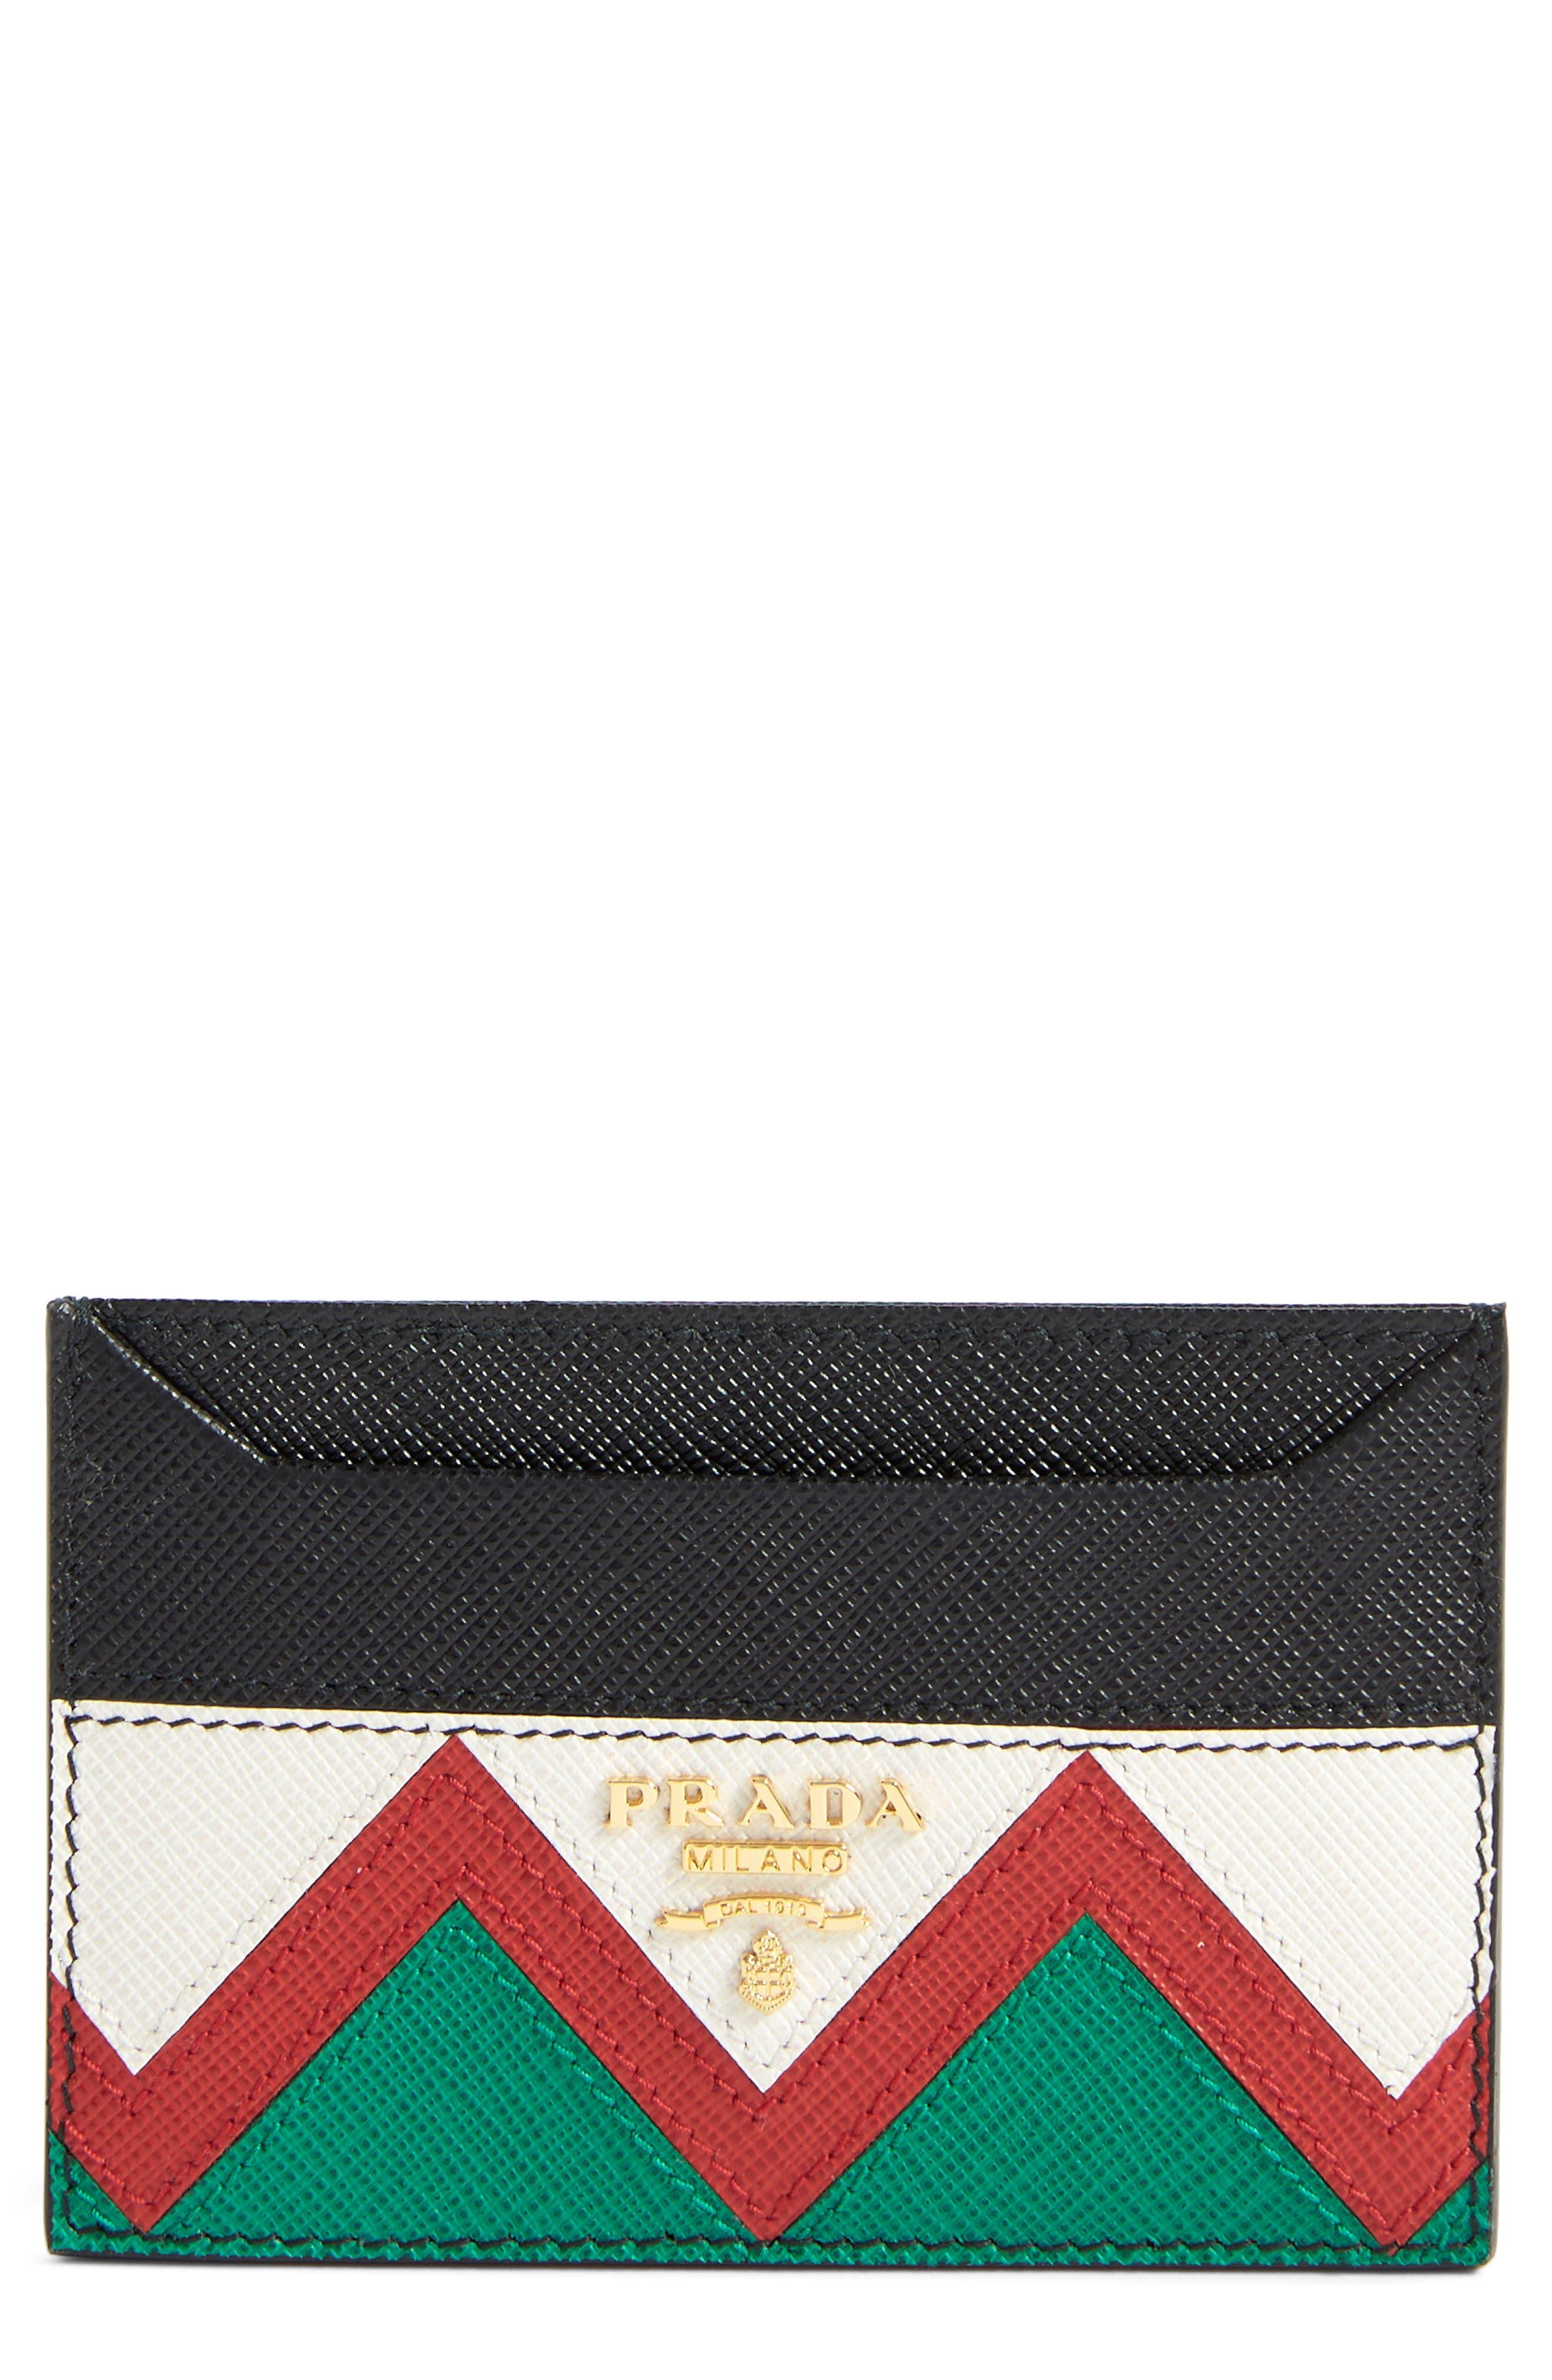 PRADA Saffiano Leather Card Case, Main, color, F0N98 NERO/ROSSO